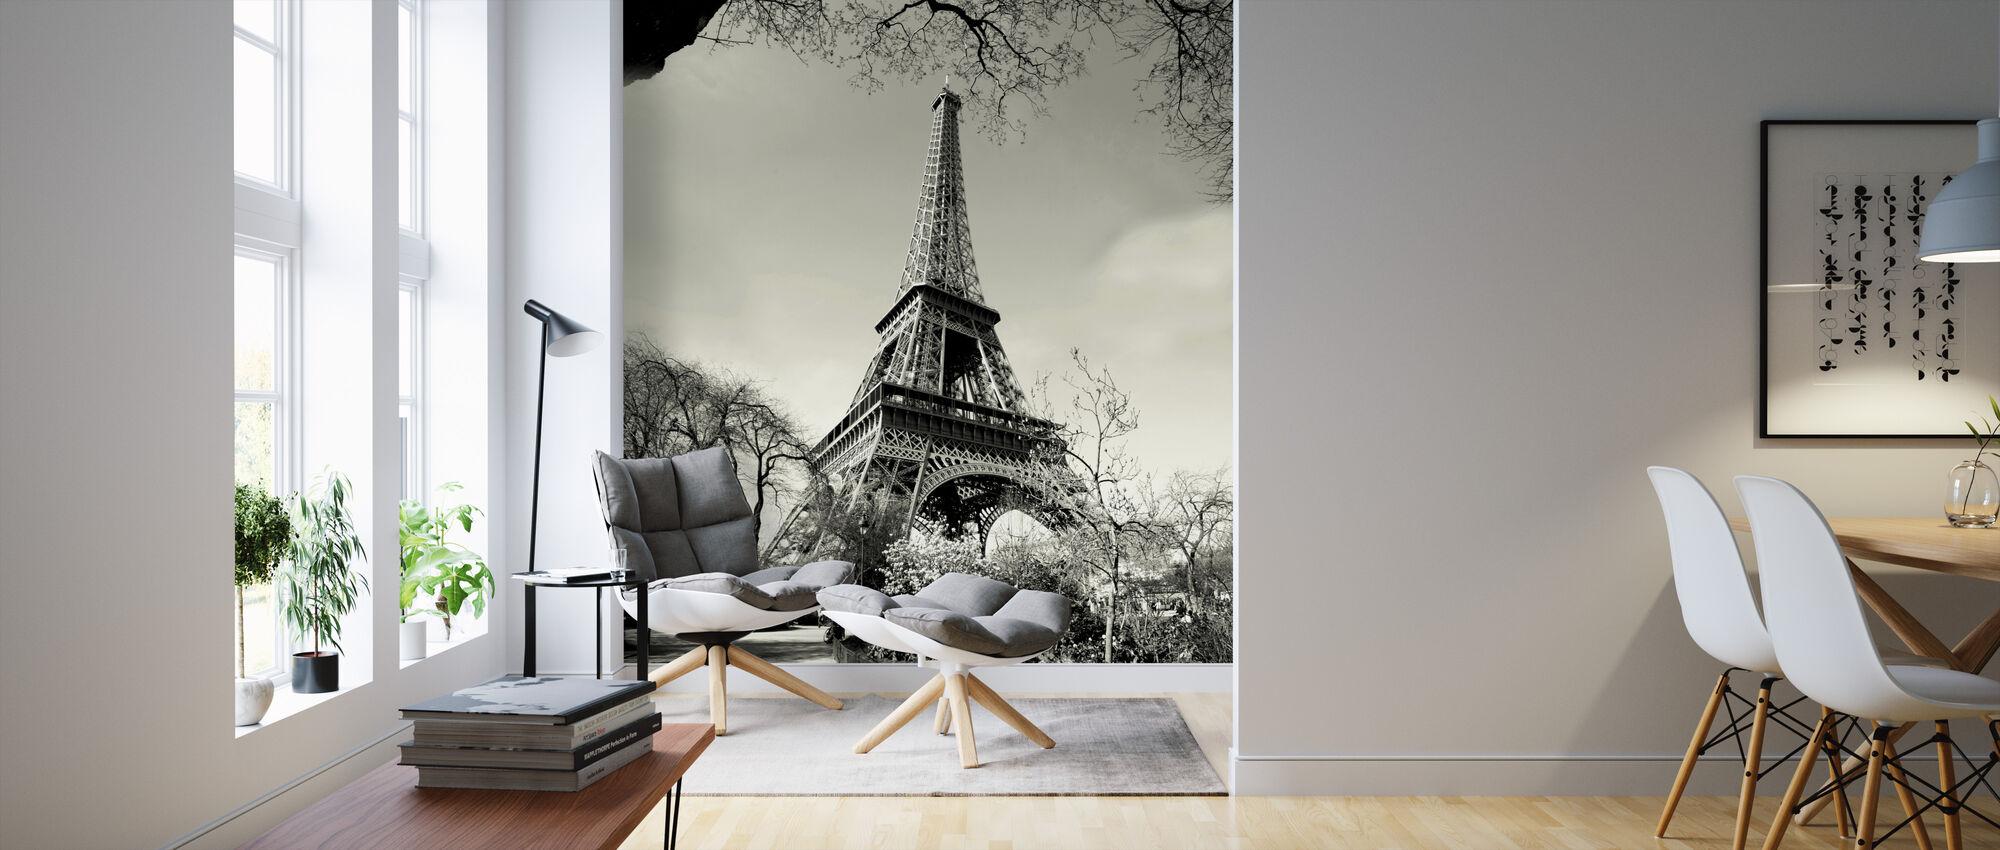 Eiffel-torni - Tapetti - Olohuone